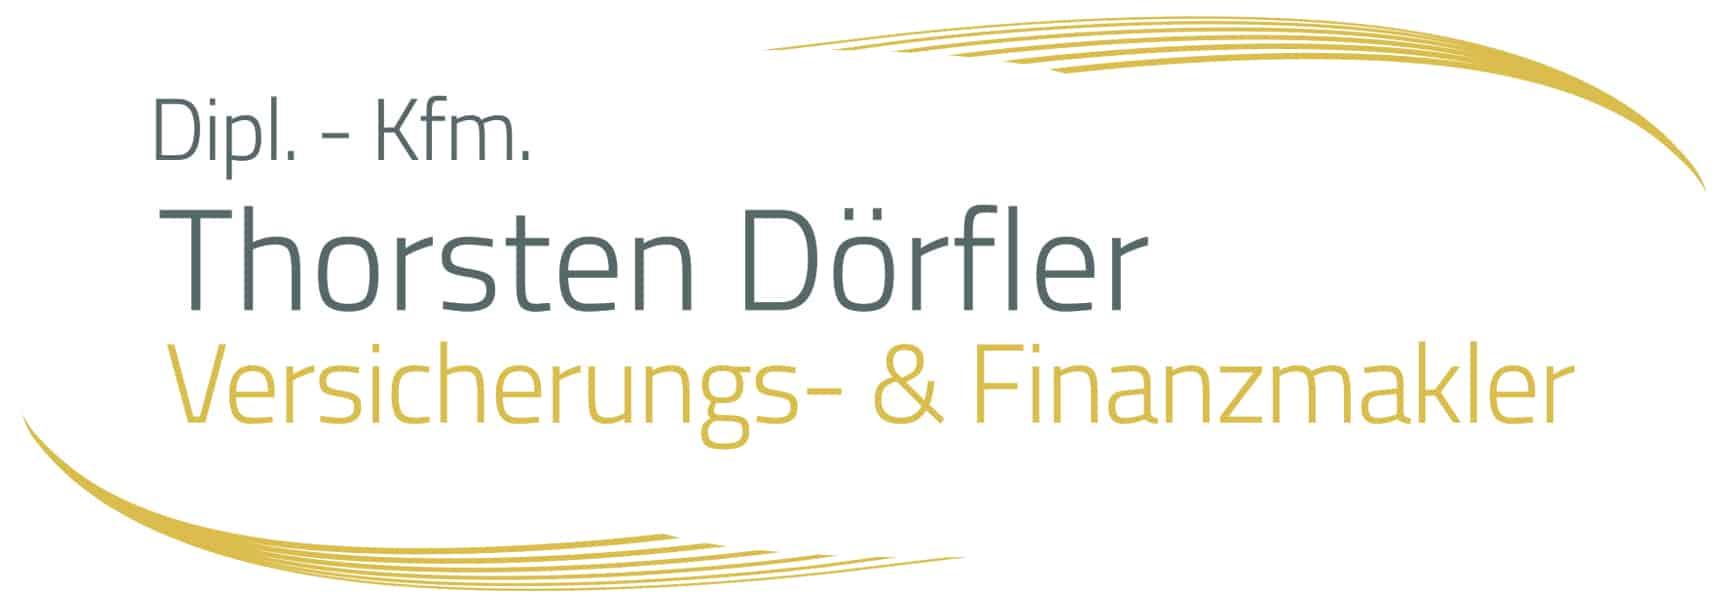 Unternehmertreffen Nordwest Logo Thorsten Dörfler Versicherungen und Finanzen